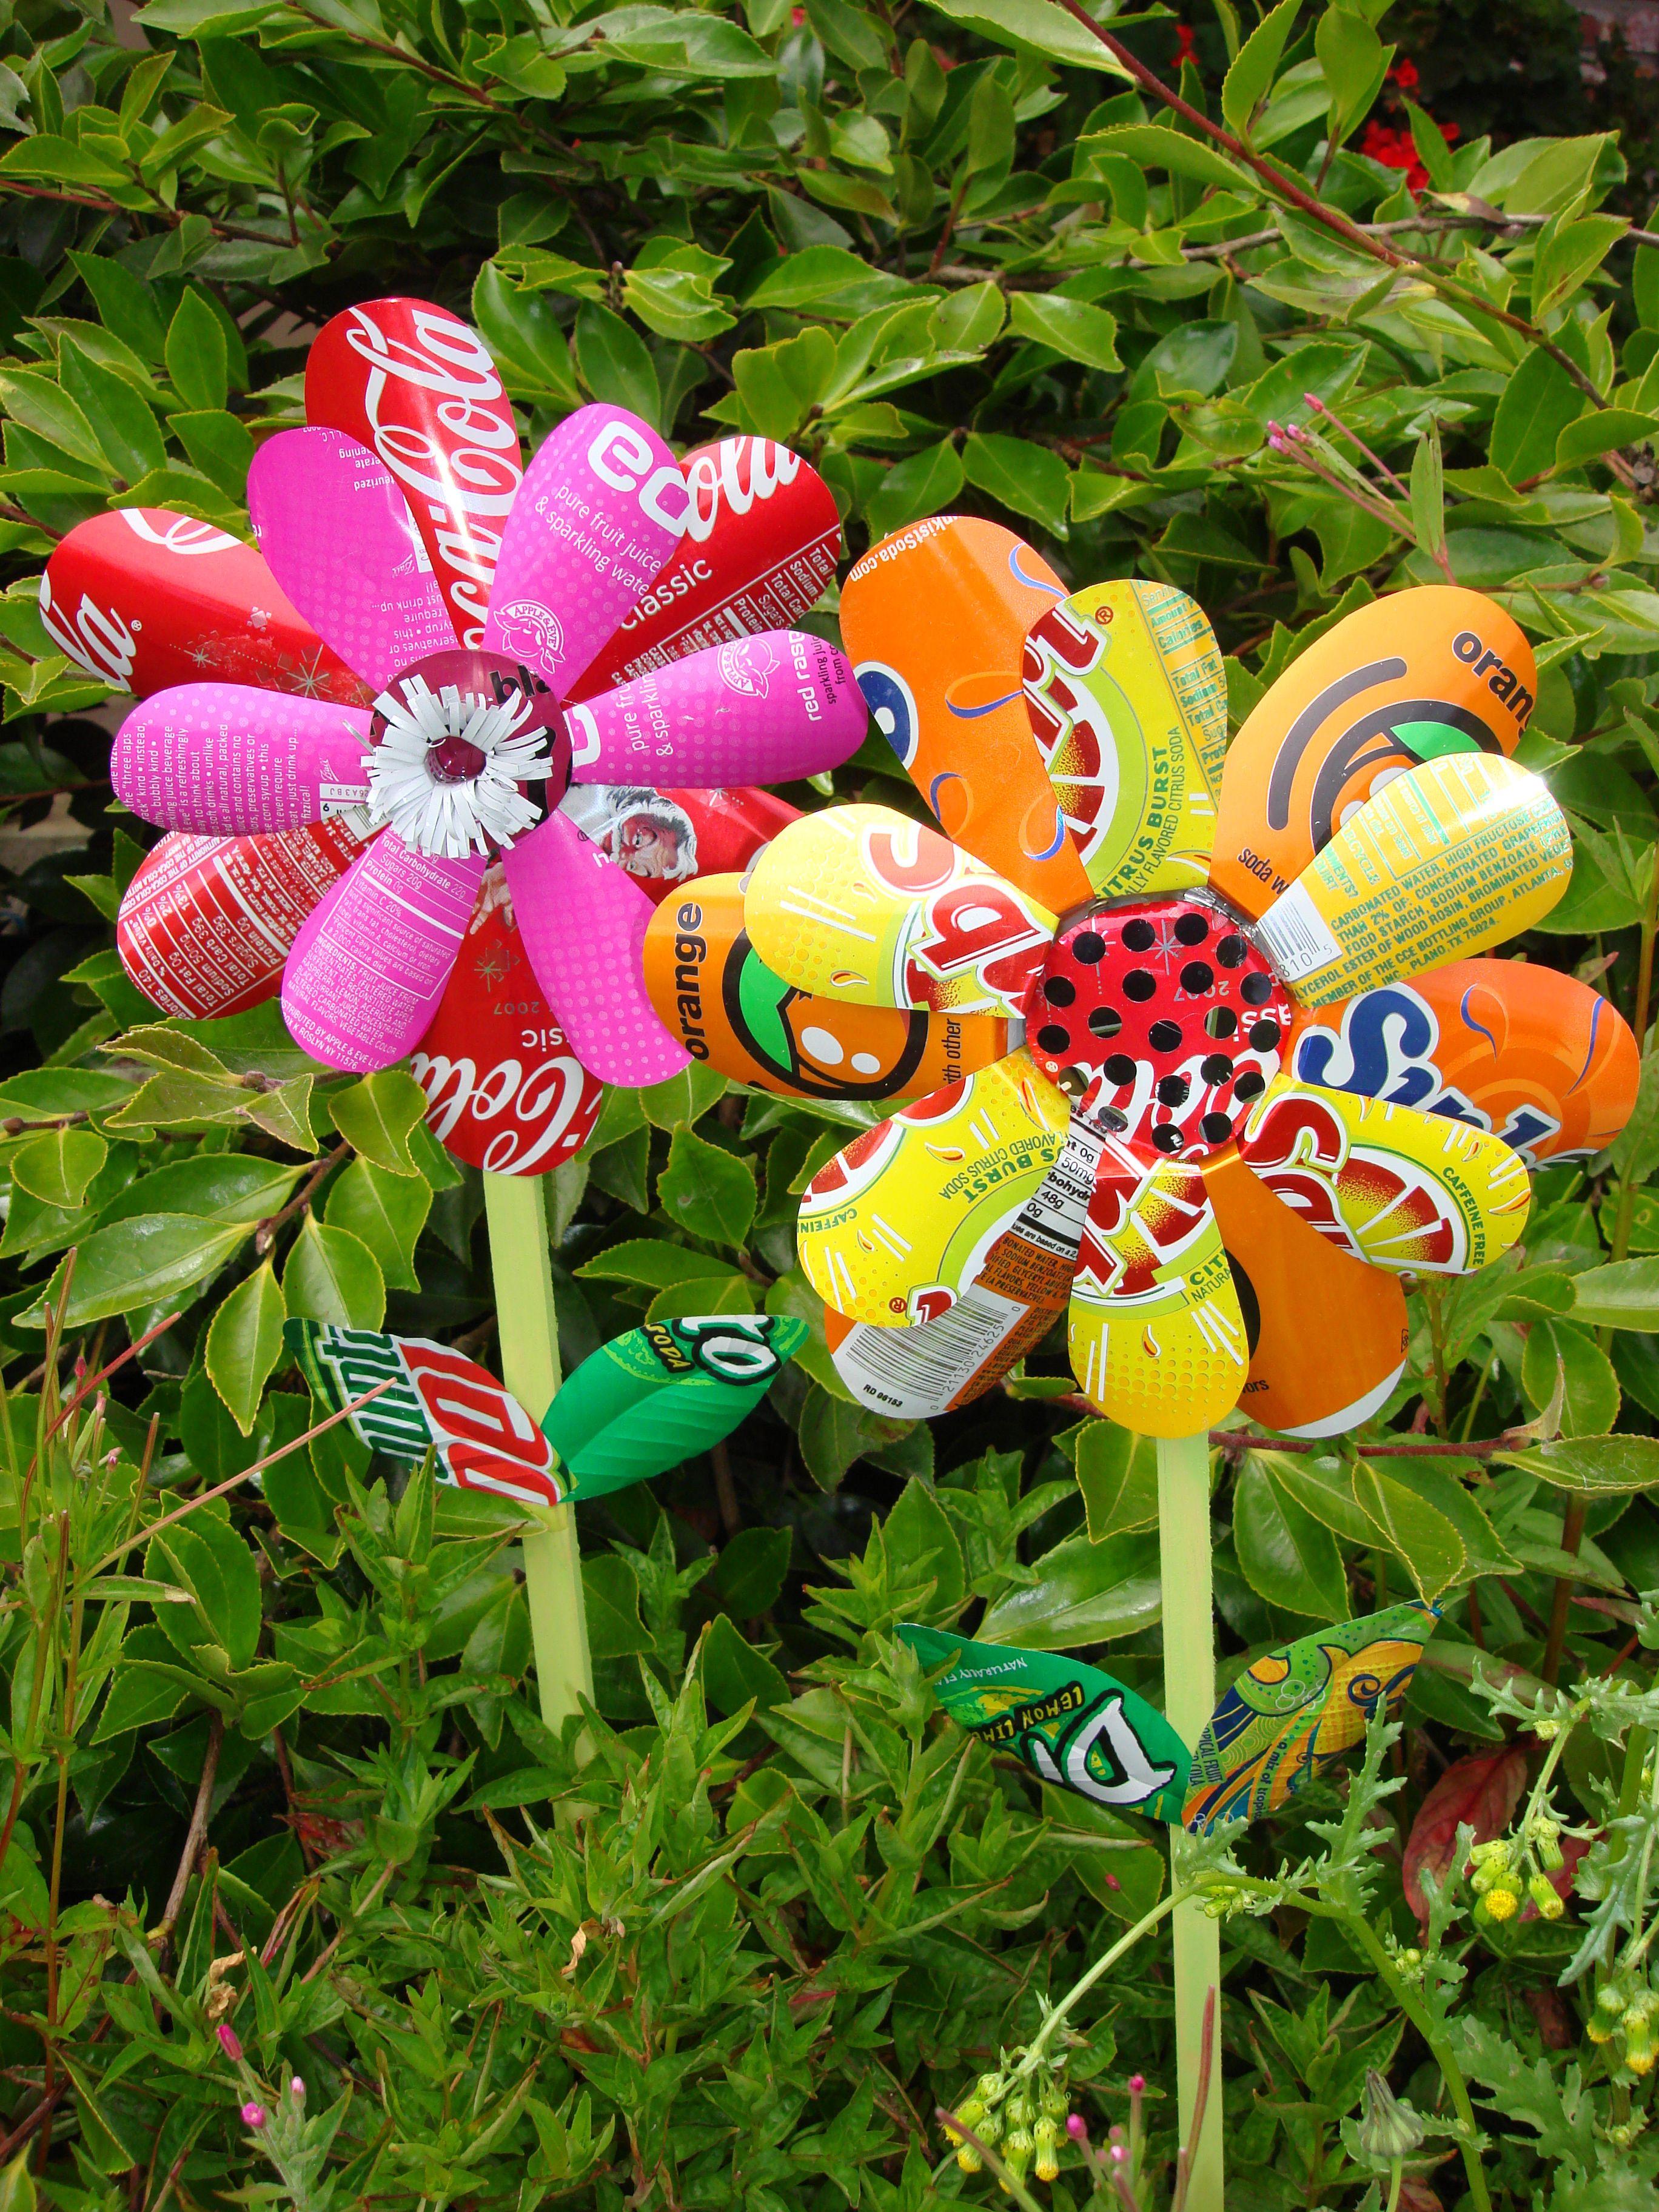 Цветы сада и поделки в саду